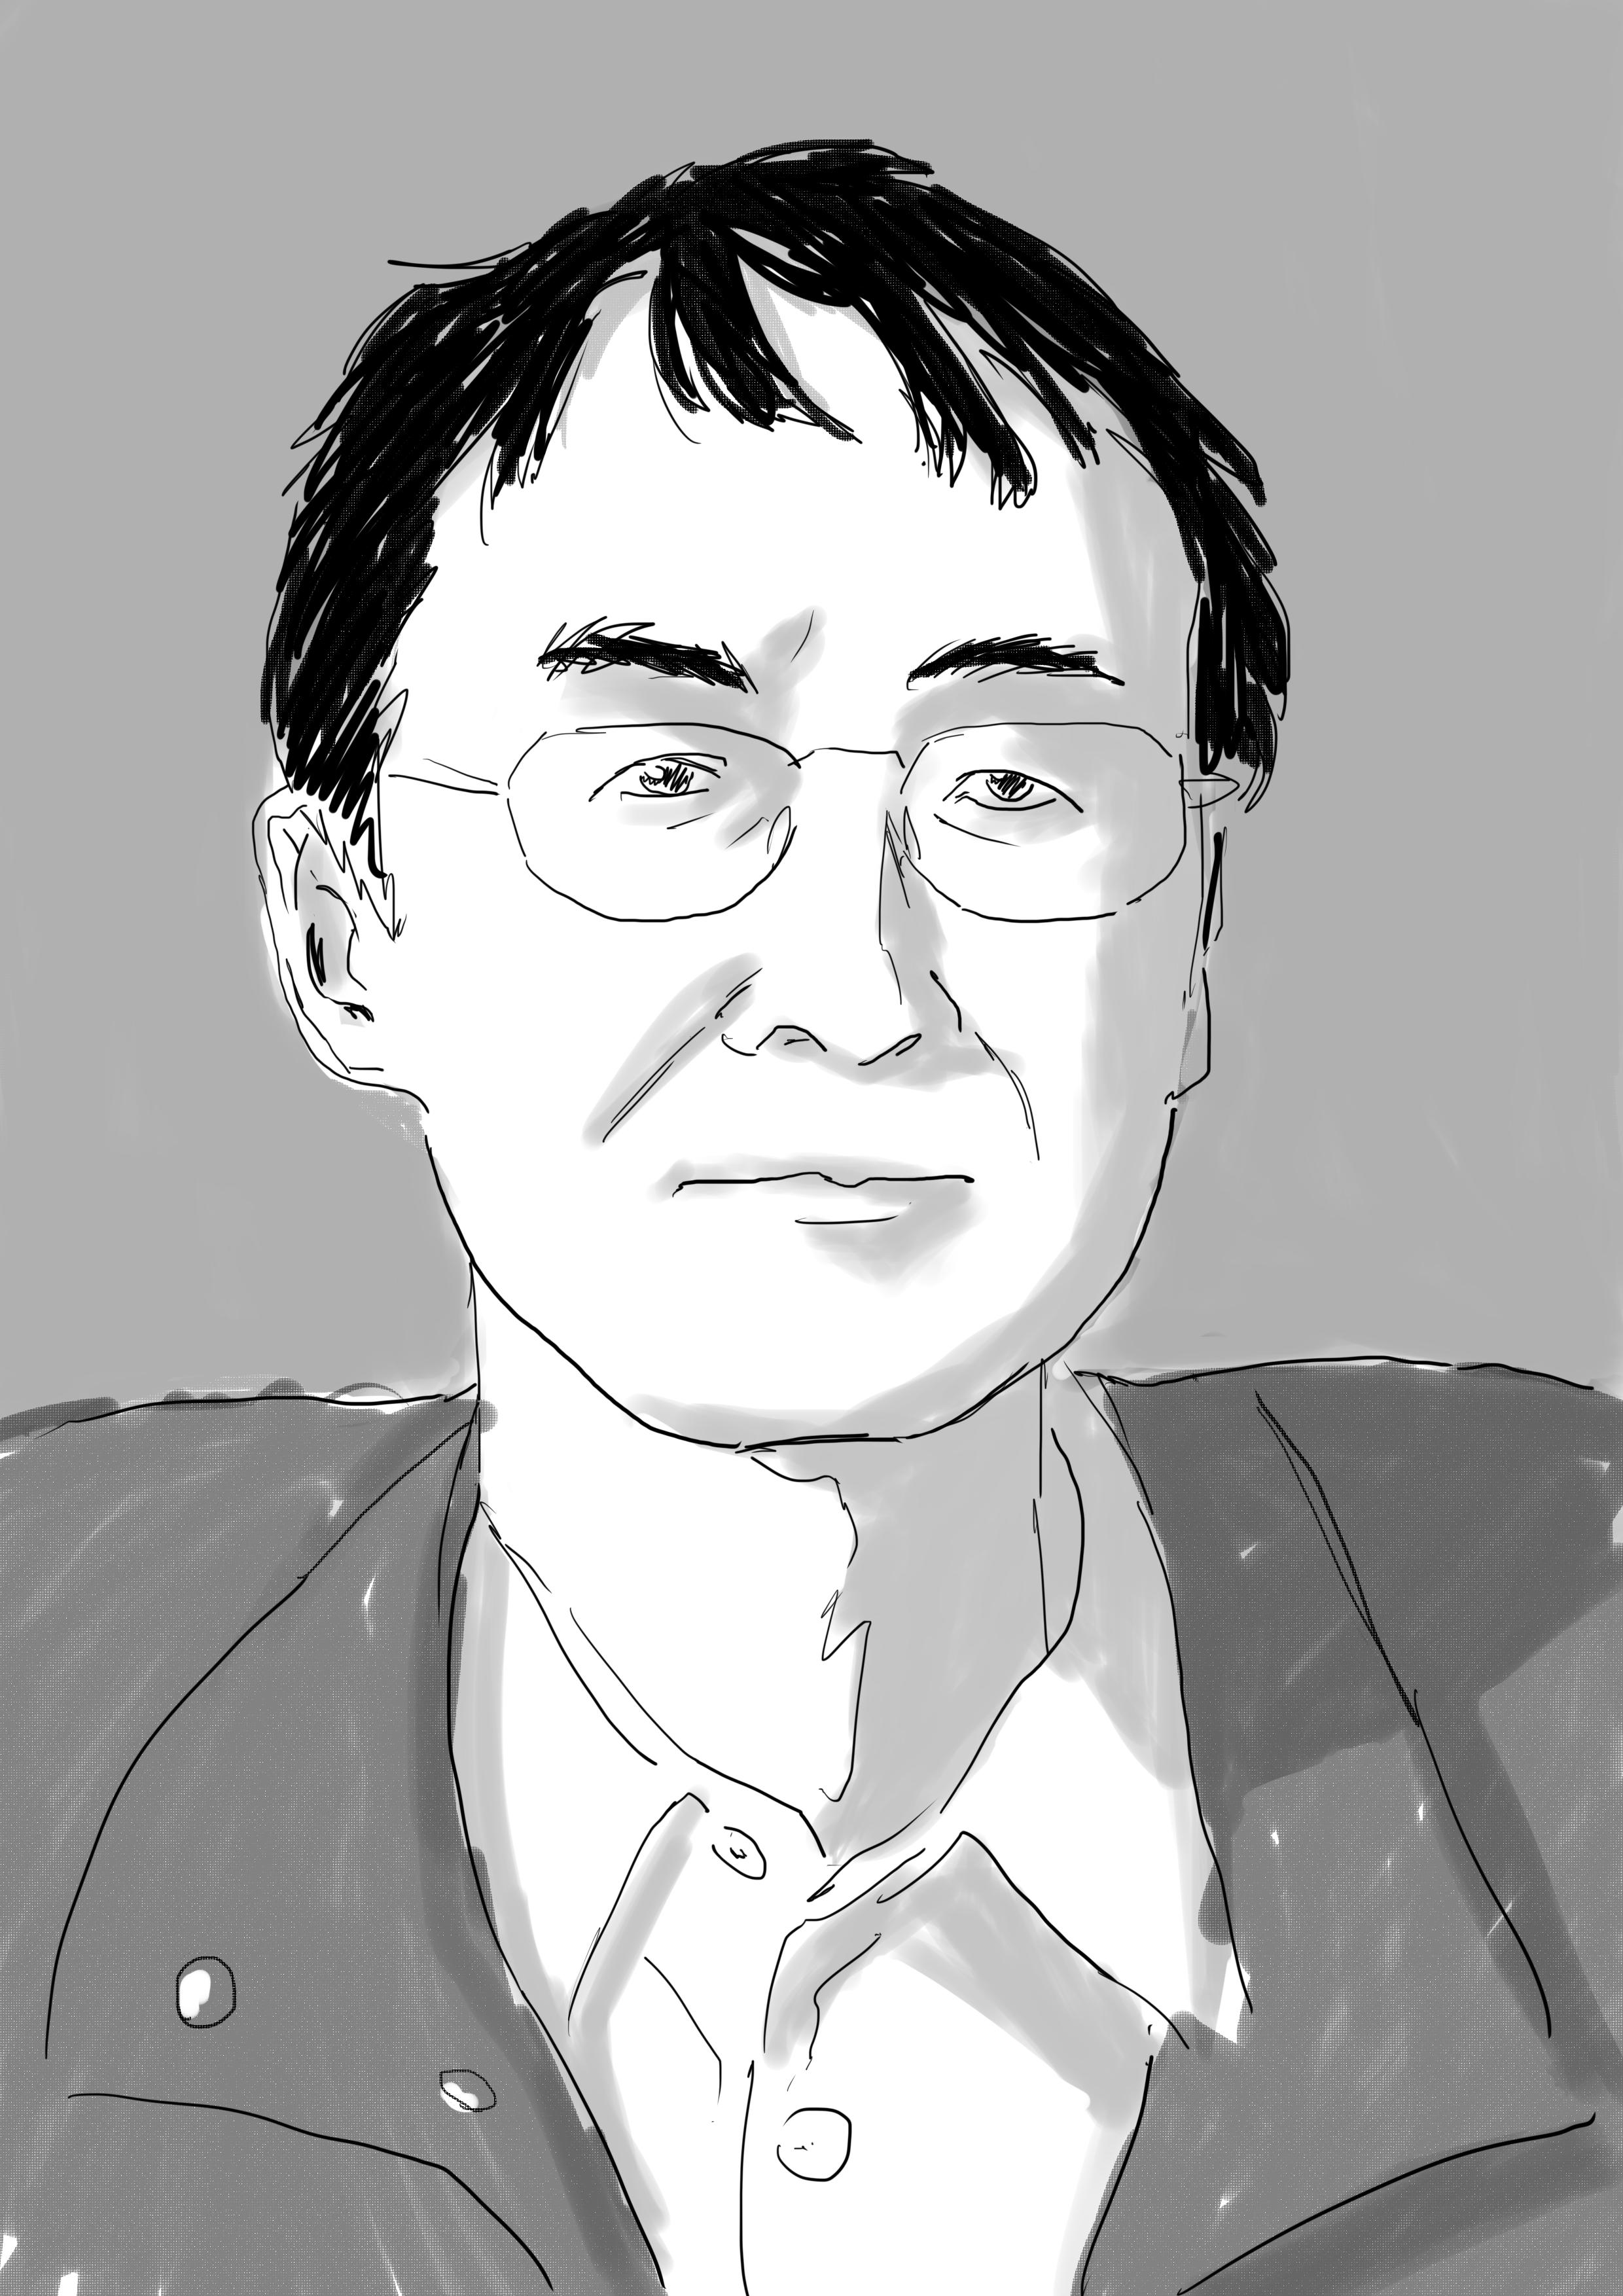 Photo Hitoshi Iwaaki via Opendata BNF